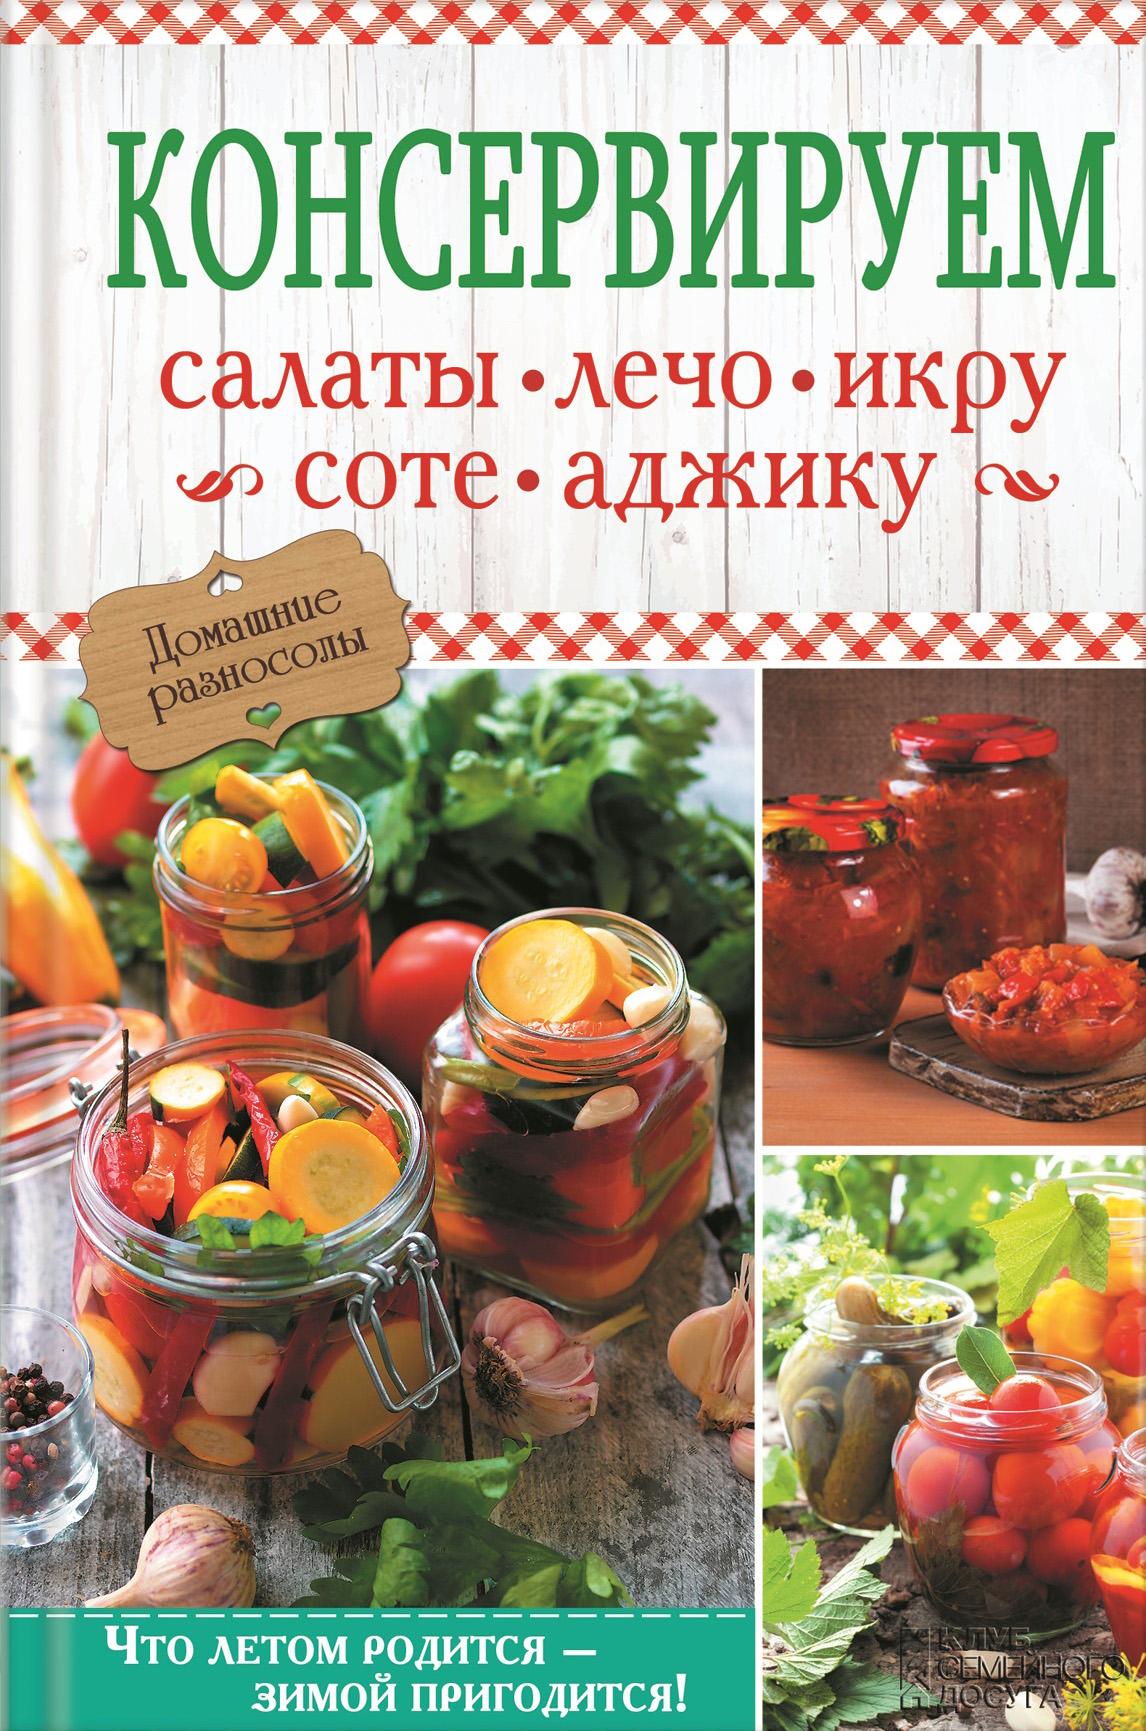 Отсутствует Консервируем салаты, лечо, икру, соте, аджику аджика амца абхазская классическая